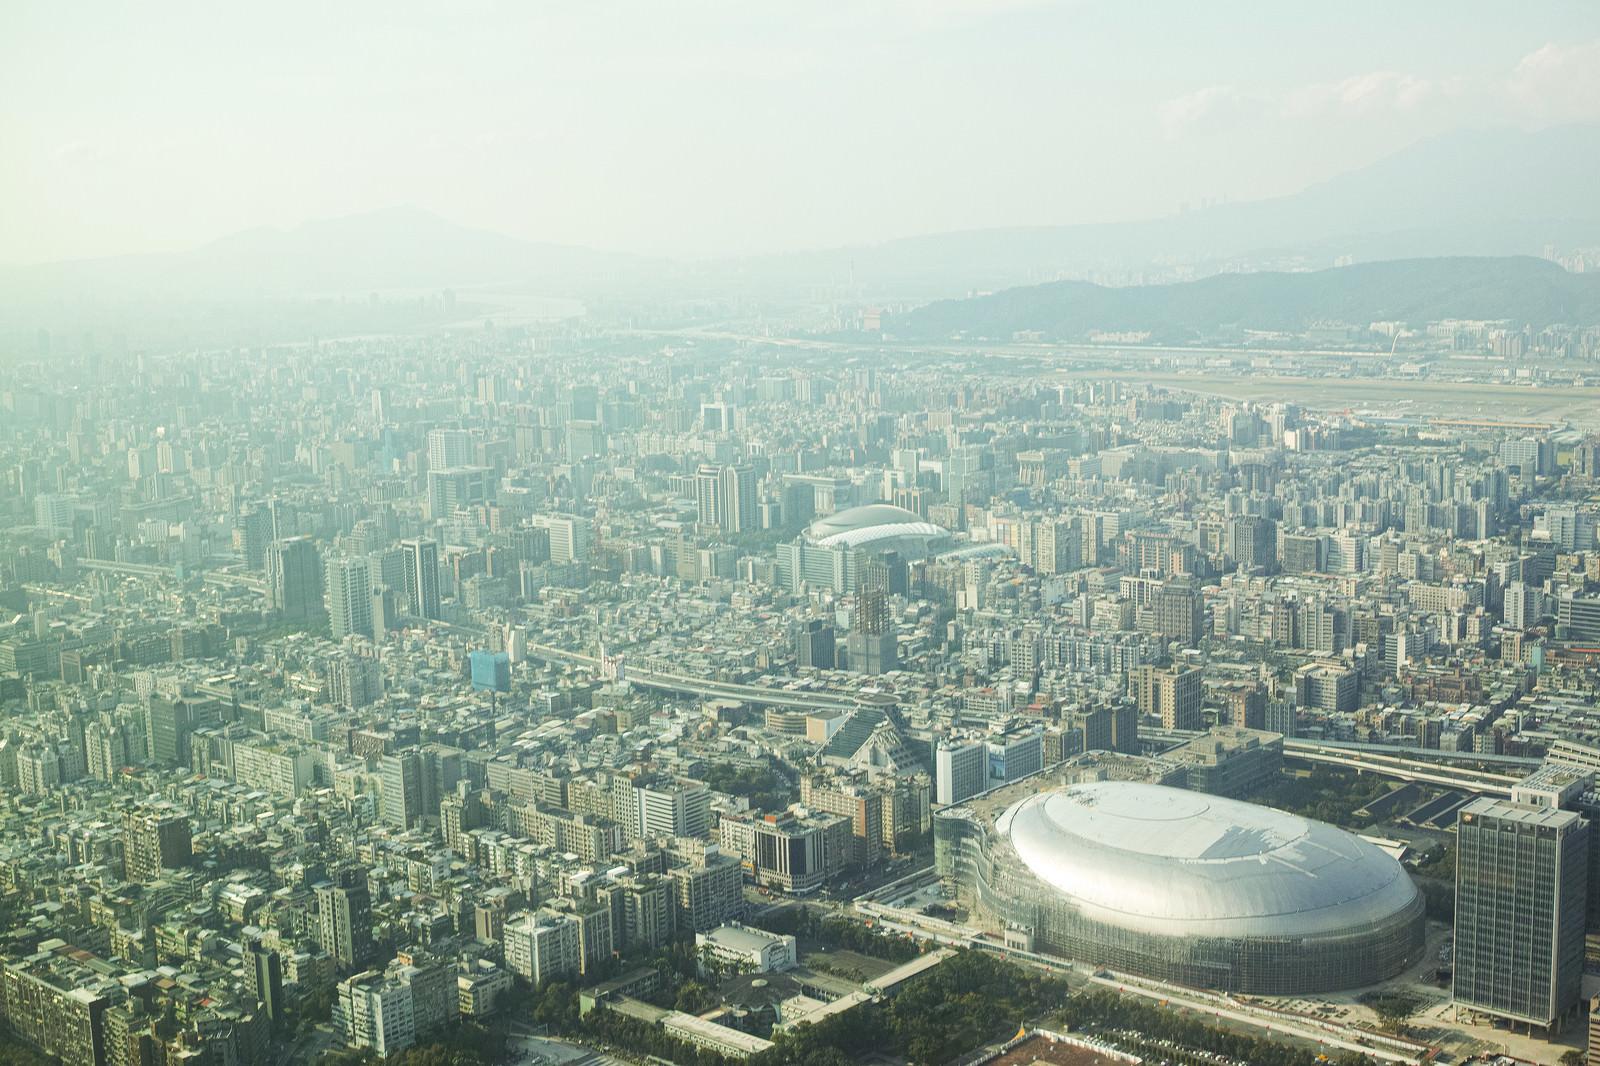 「台北の街並み(台湾)」の写真